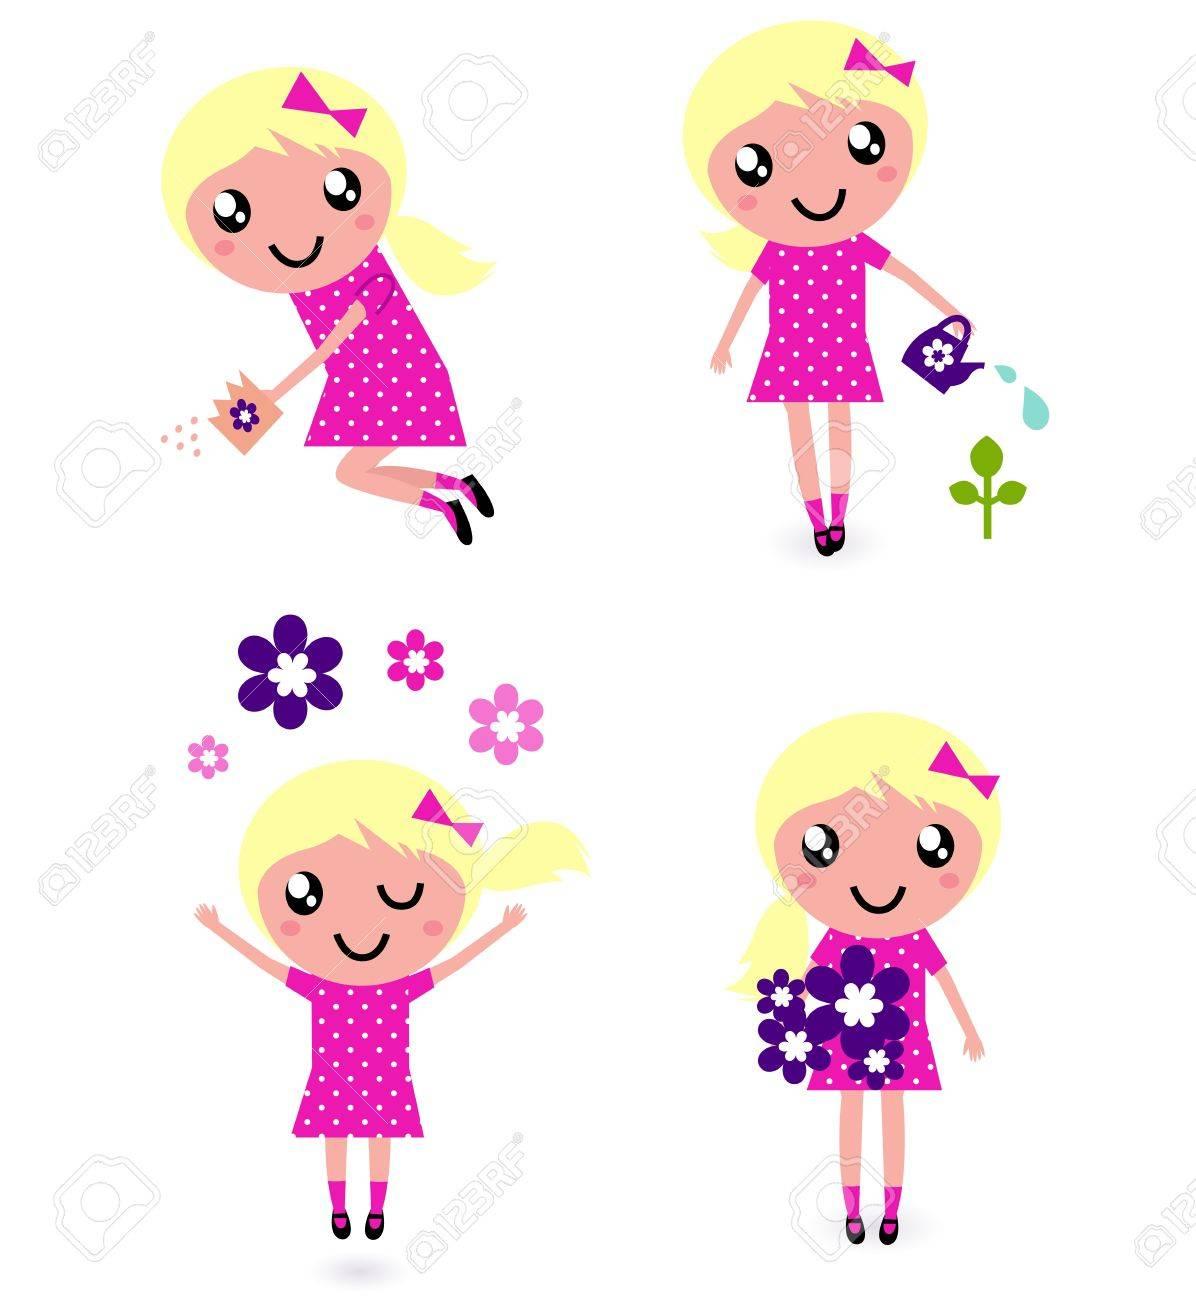 Little gardener Girl. Vector illustration in retro style Stock Vector - 12839053